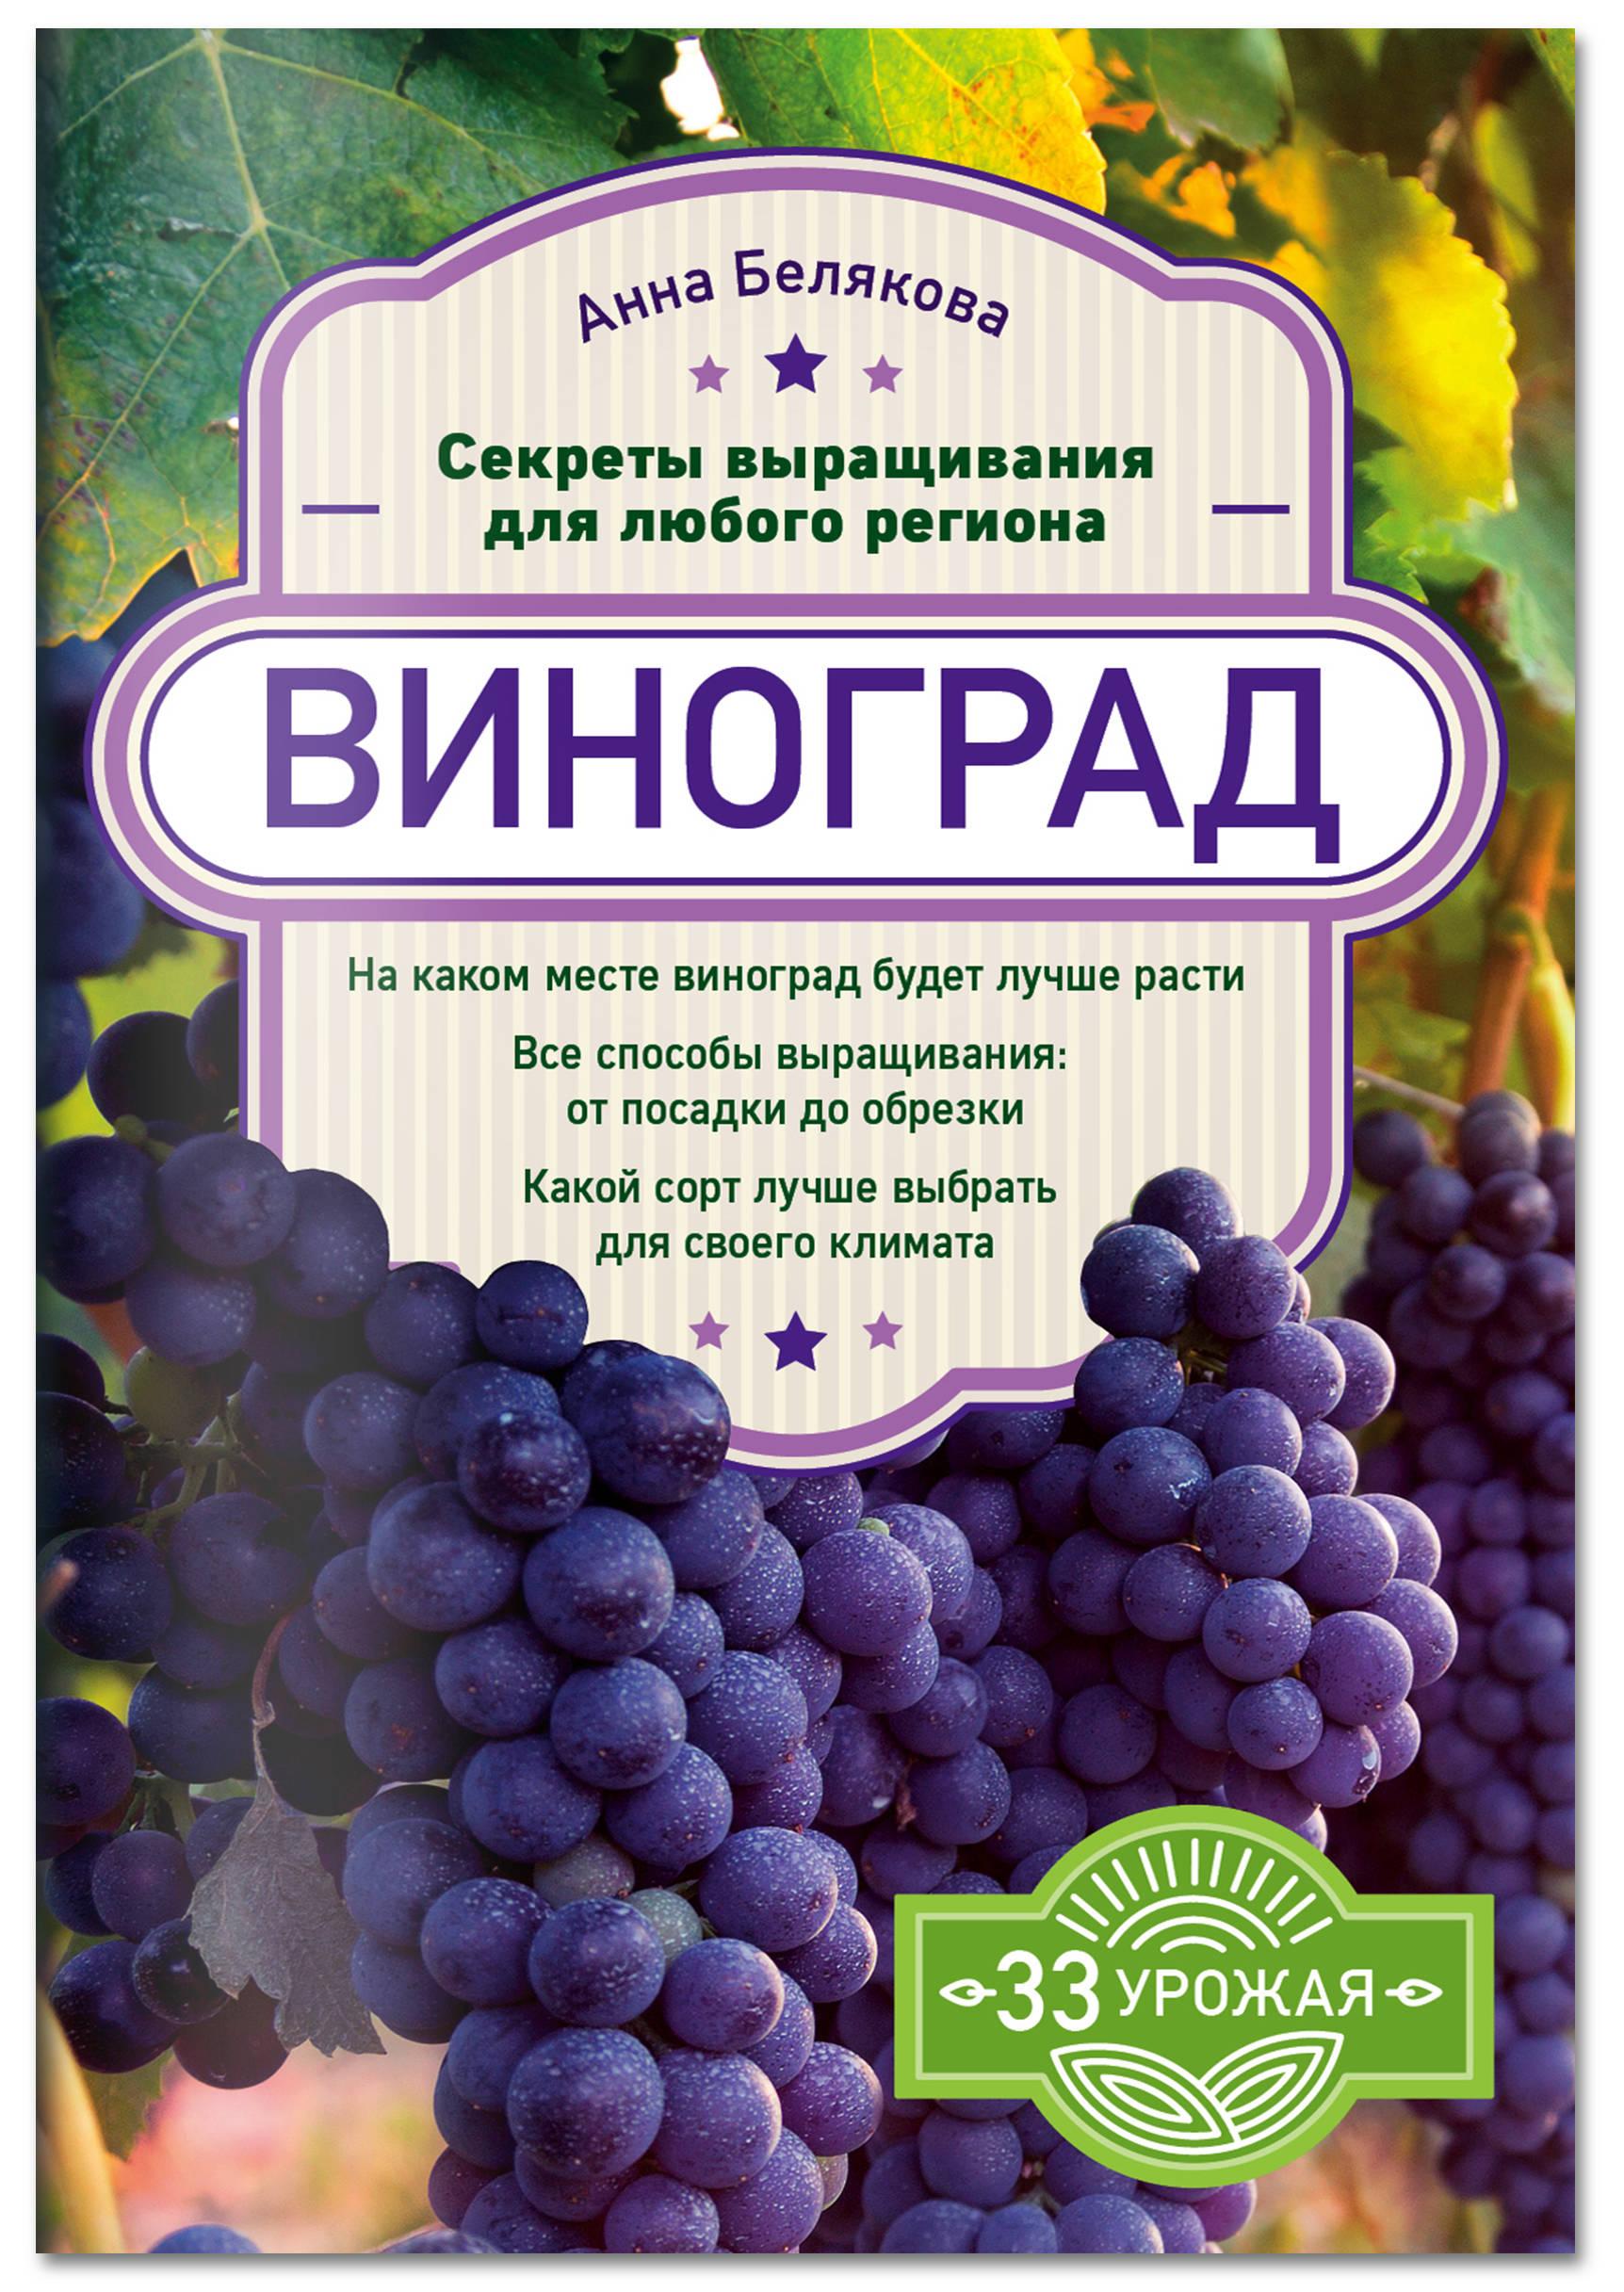 Анна Белякова Виноград. Секреты выращивания для любого региона анна белякова виноград урожайная лоза